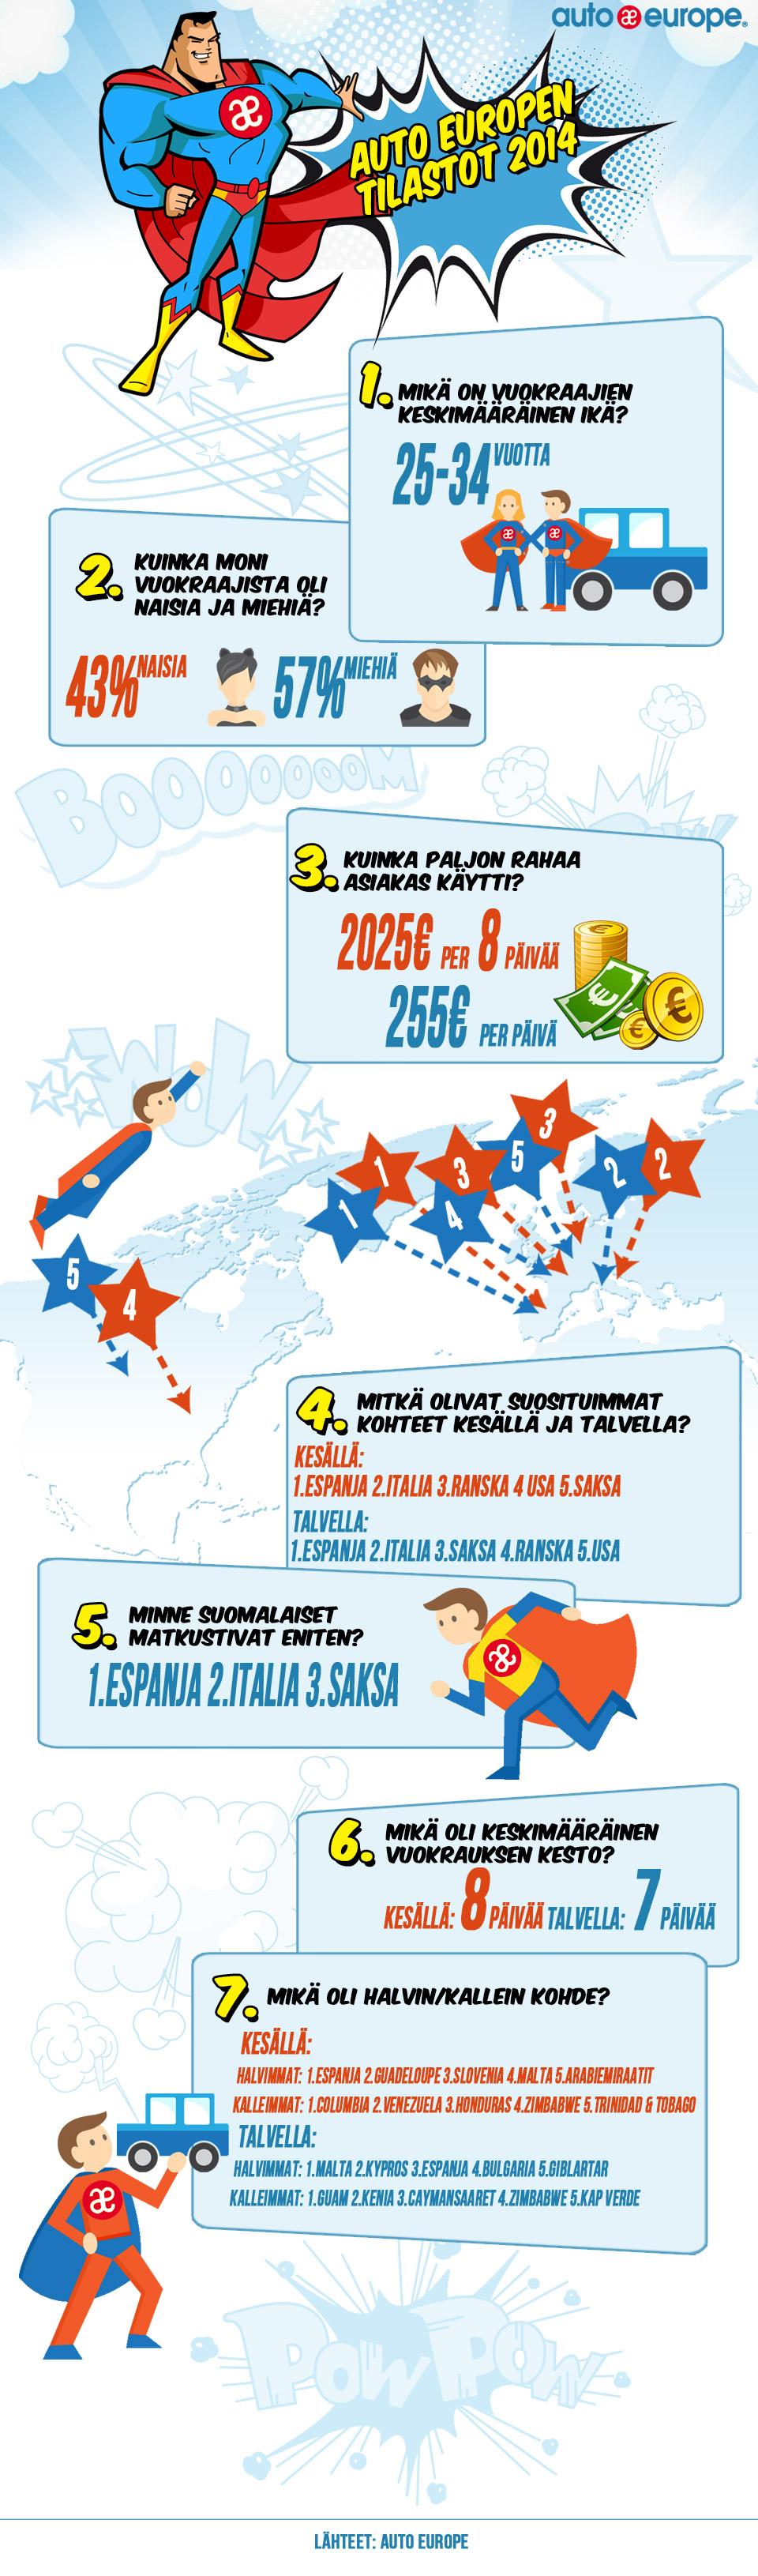 Auto Europen tilastot